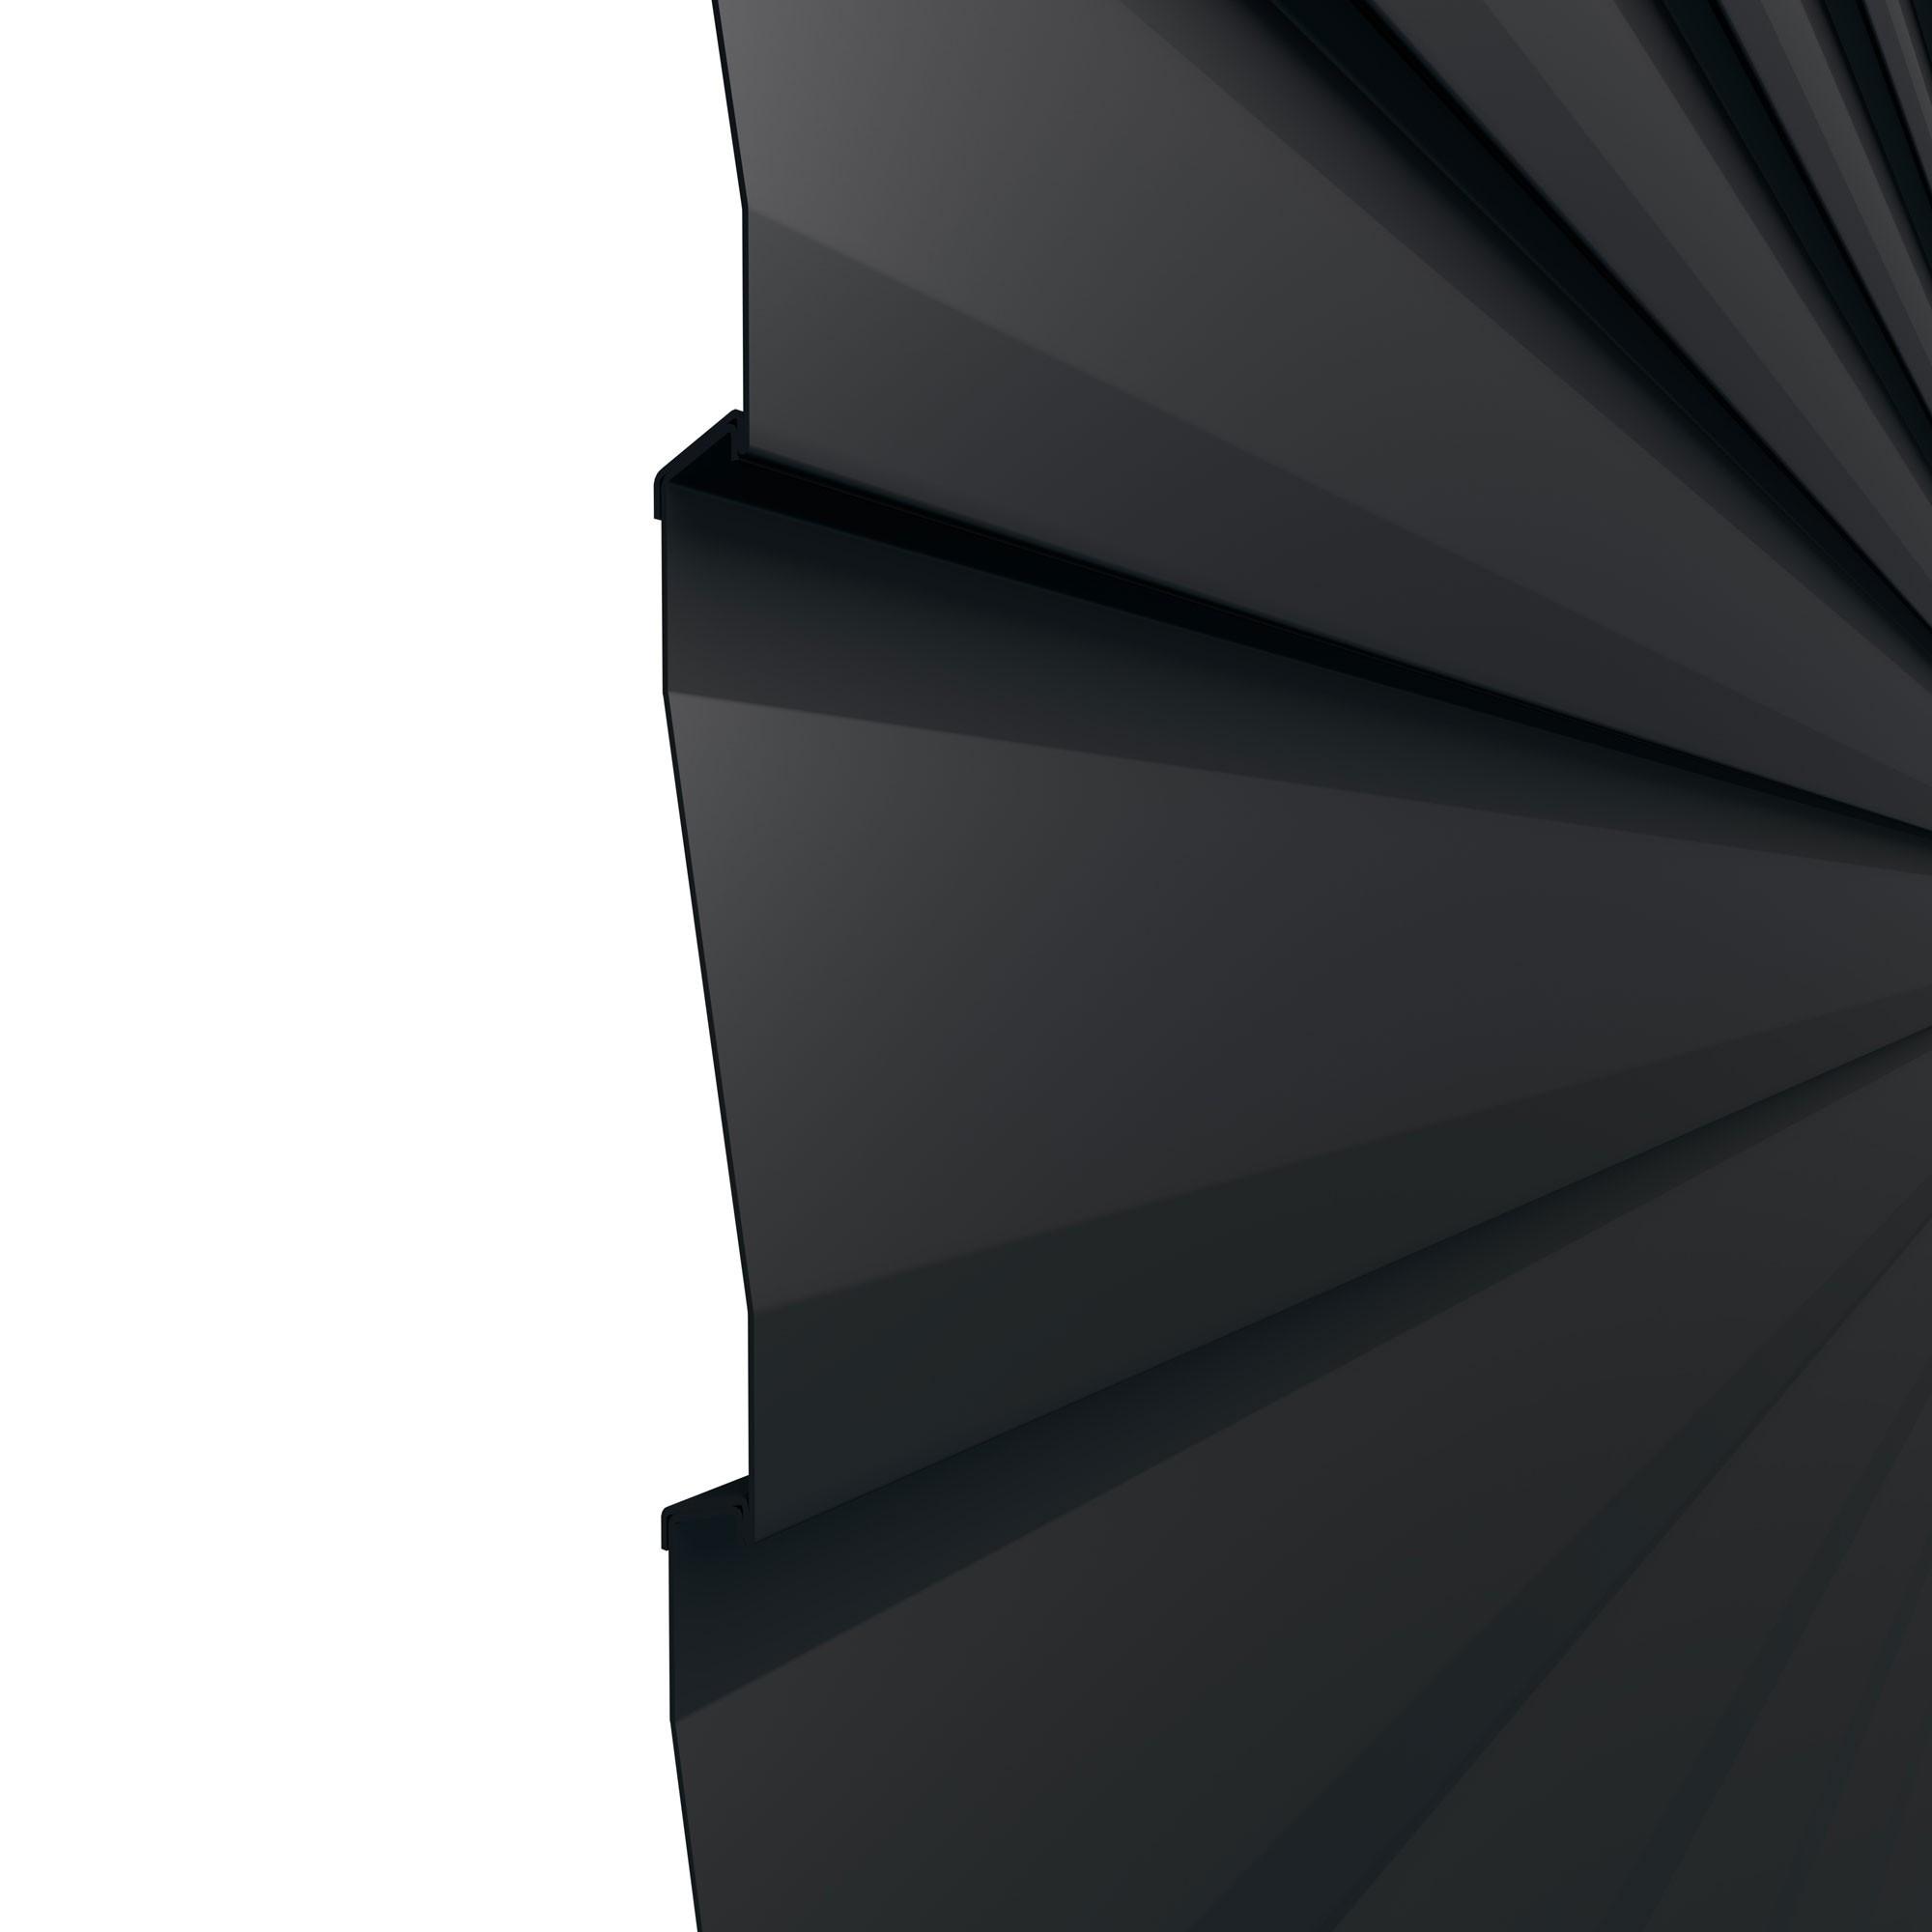 Sichtschutzzaun system metall basic einzelprofil anthrazit for Sichtschutzzaun anthrazit